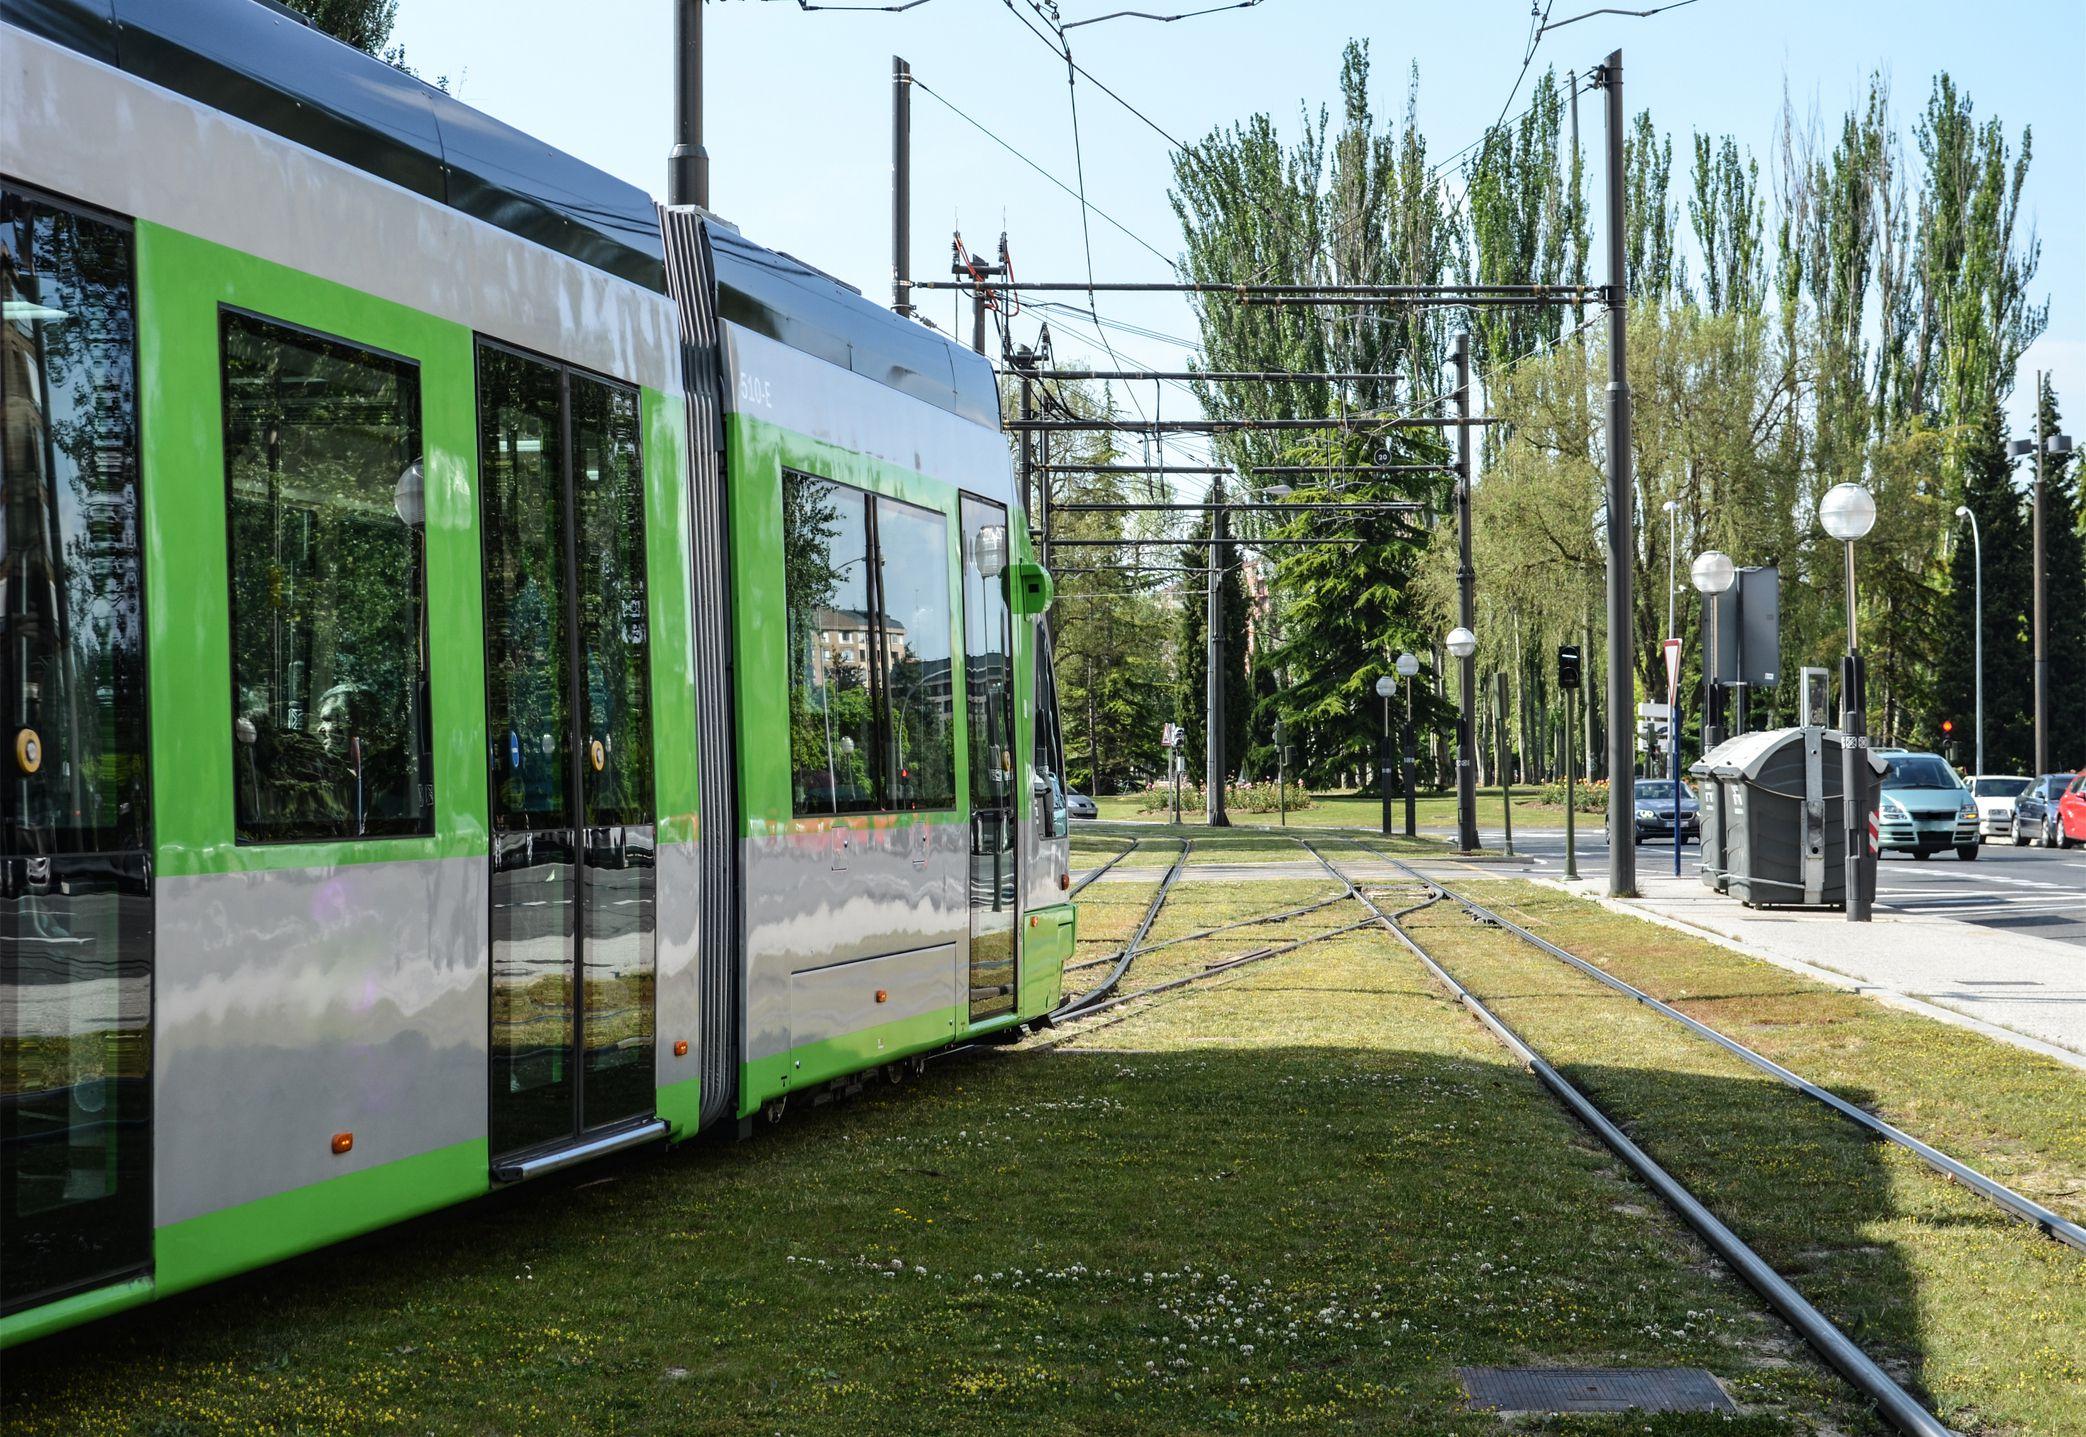 Tramway at Bilbao